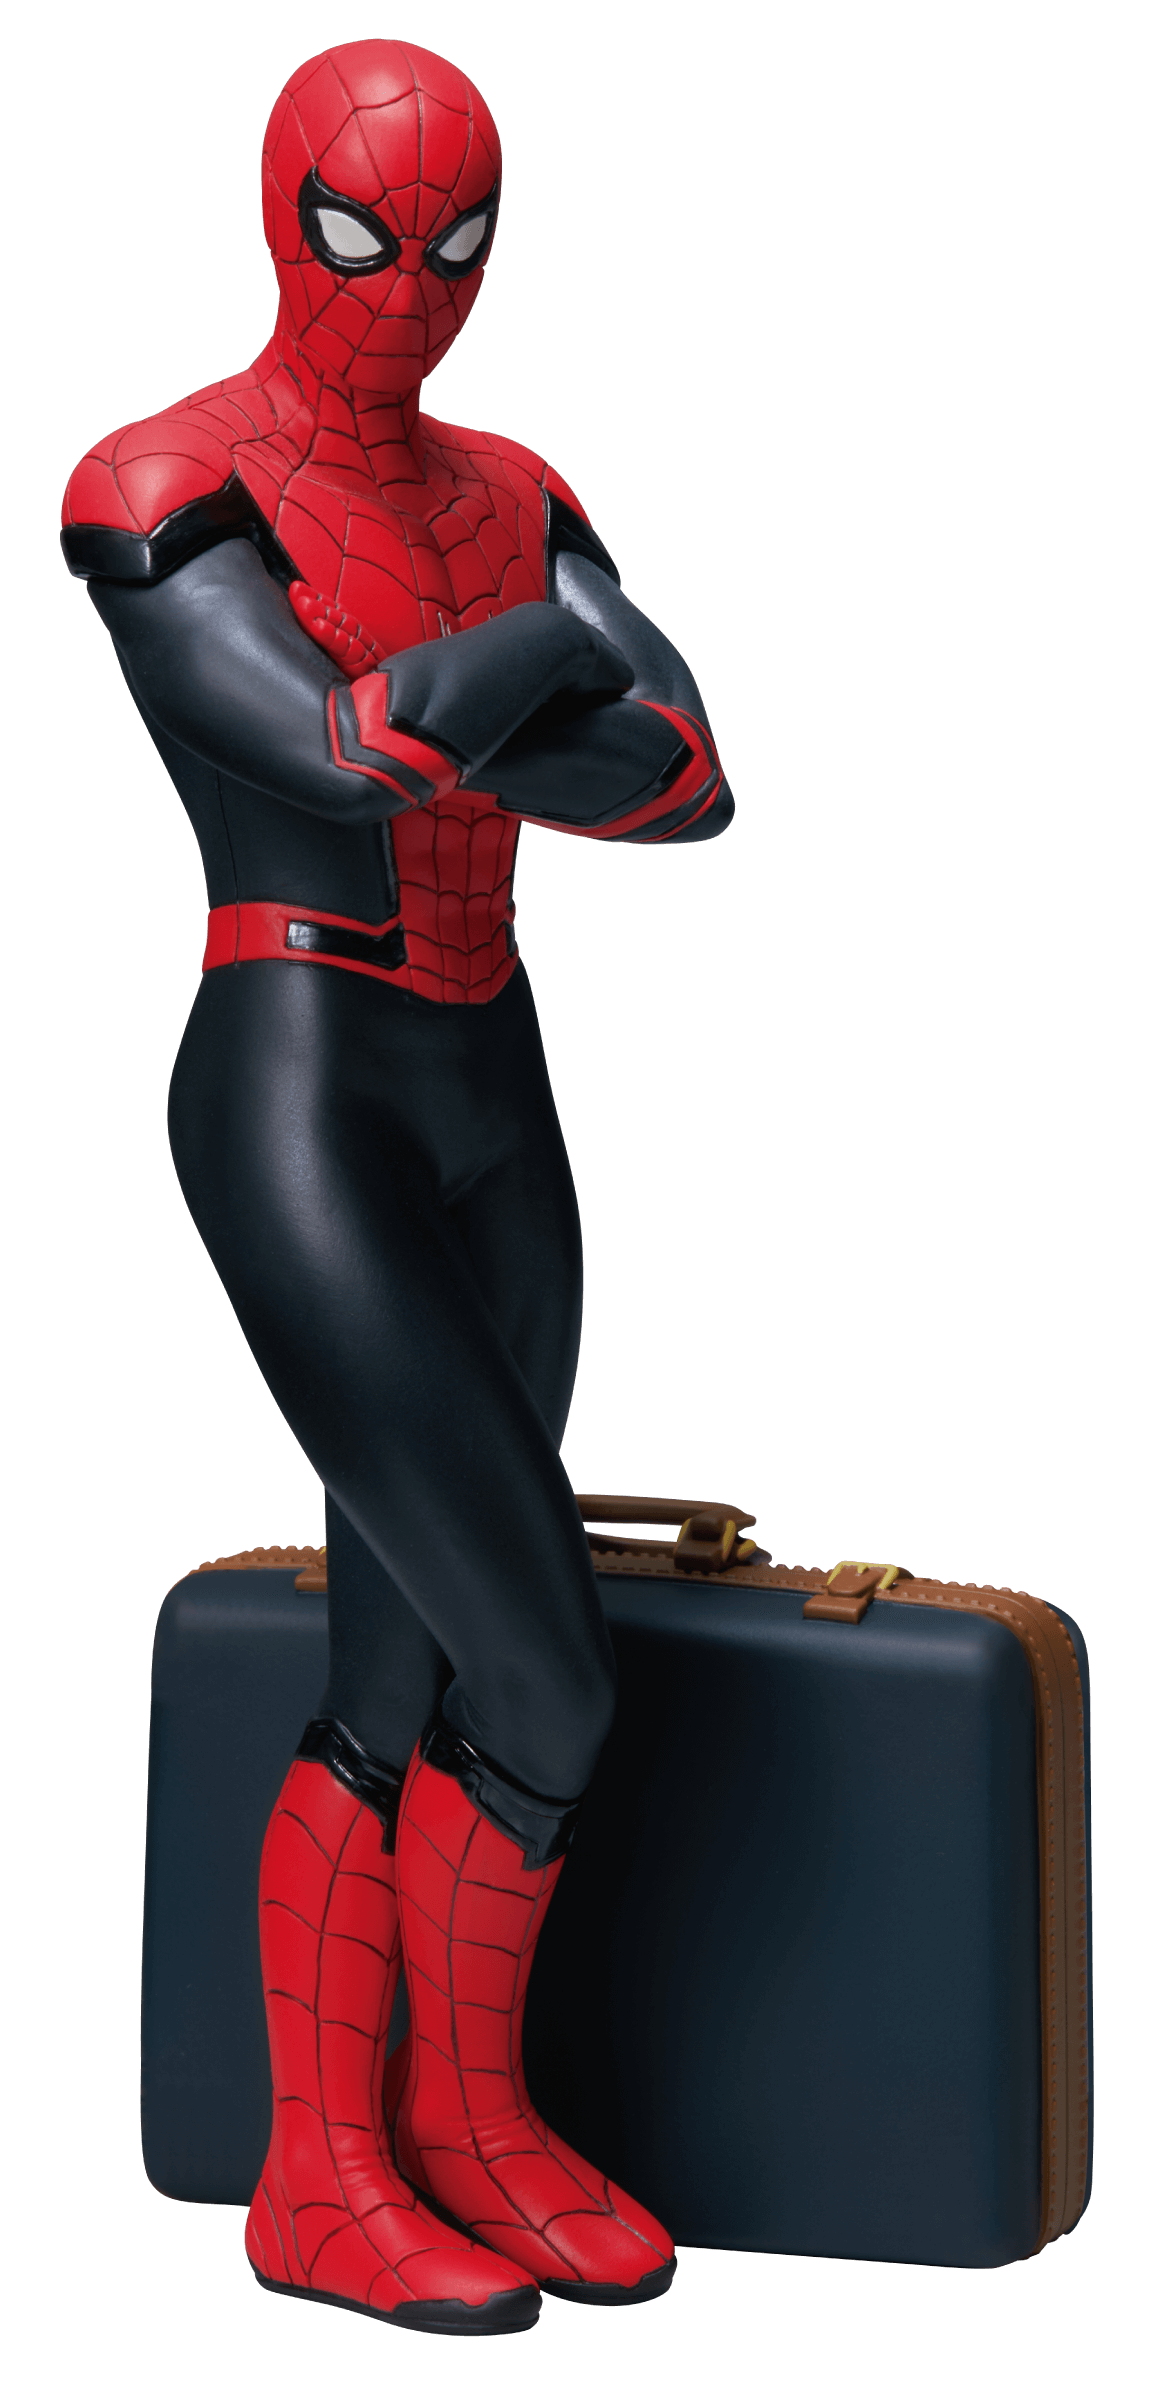 Happyくじ MARVEL『スパイダーマン:ファー・フロム・ホーム』